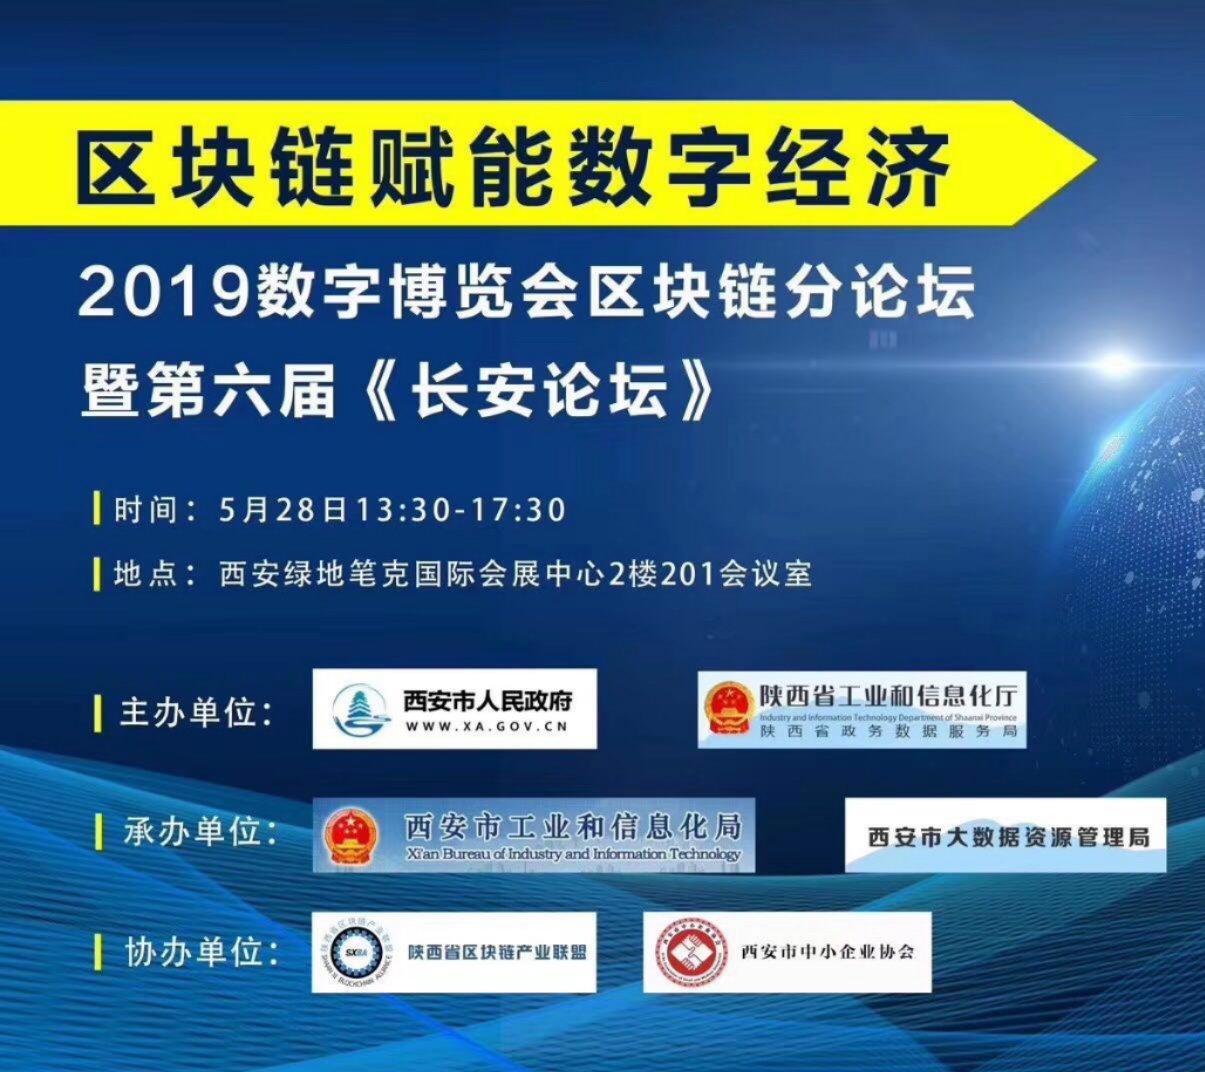 2019(西安)国际数博会区块链分论坛 第六届《长安论坛》